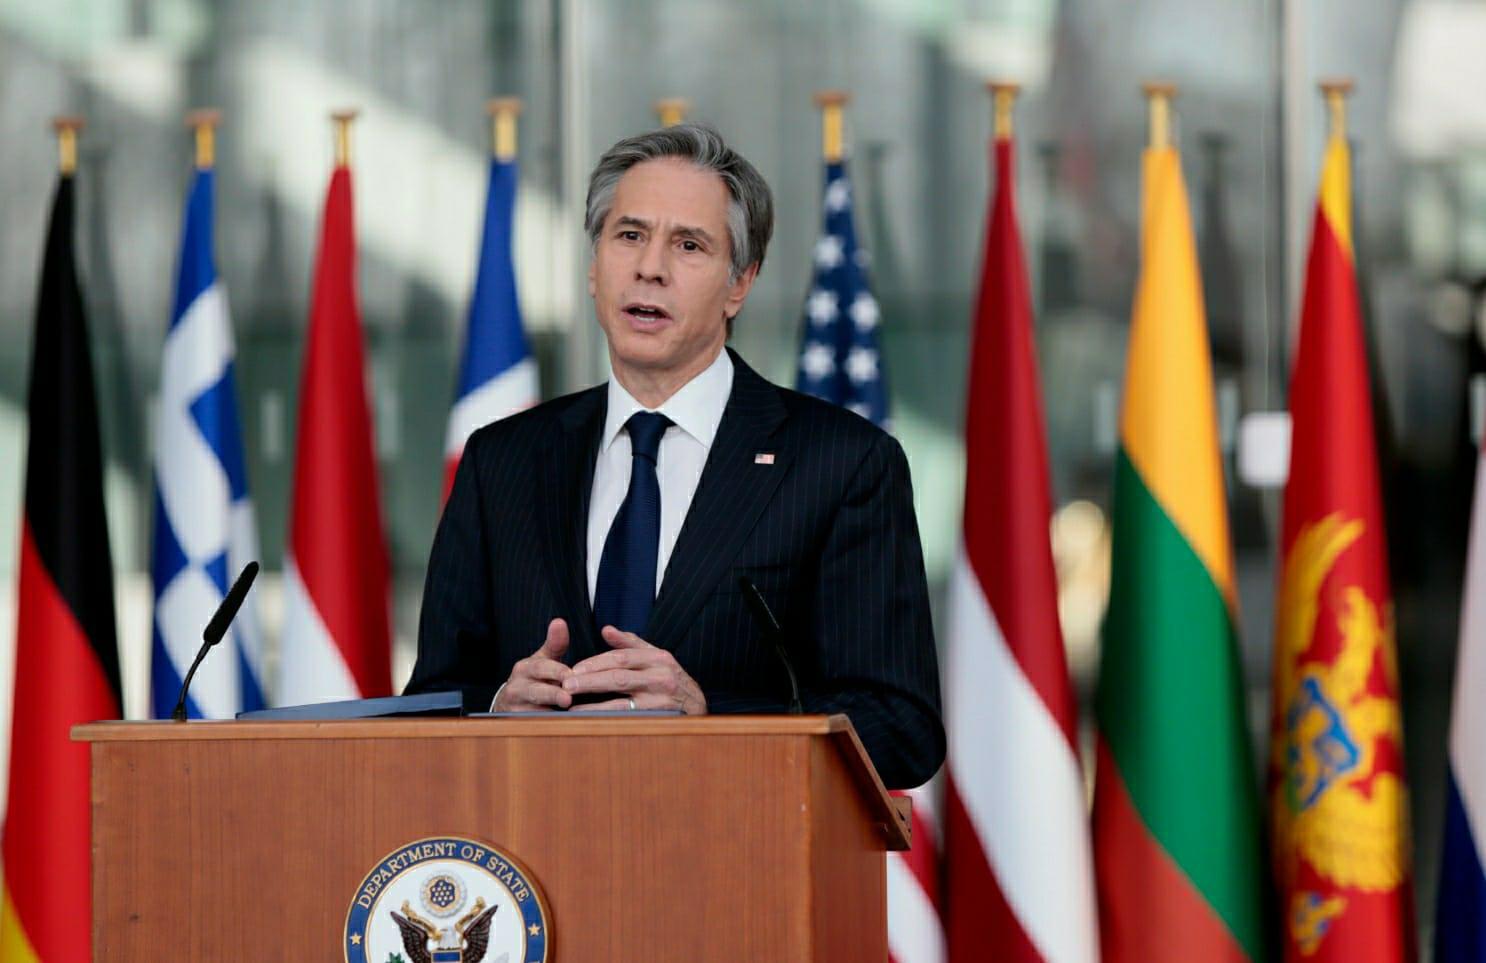 ABD'den İran'a uyarı: Fazla zamanları kalmadı!